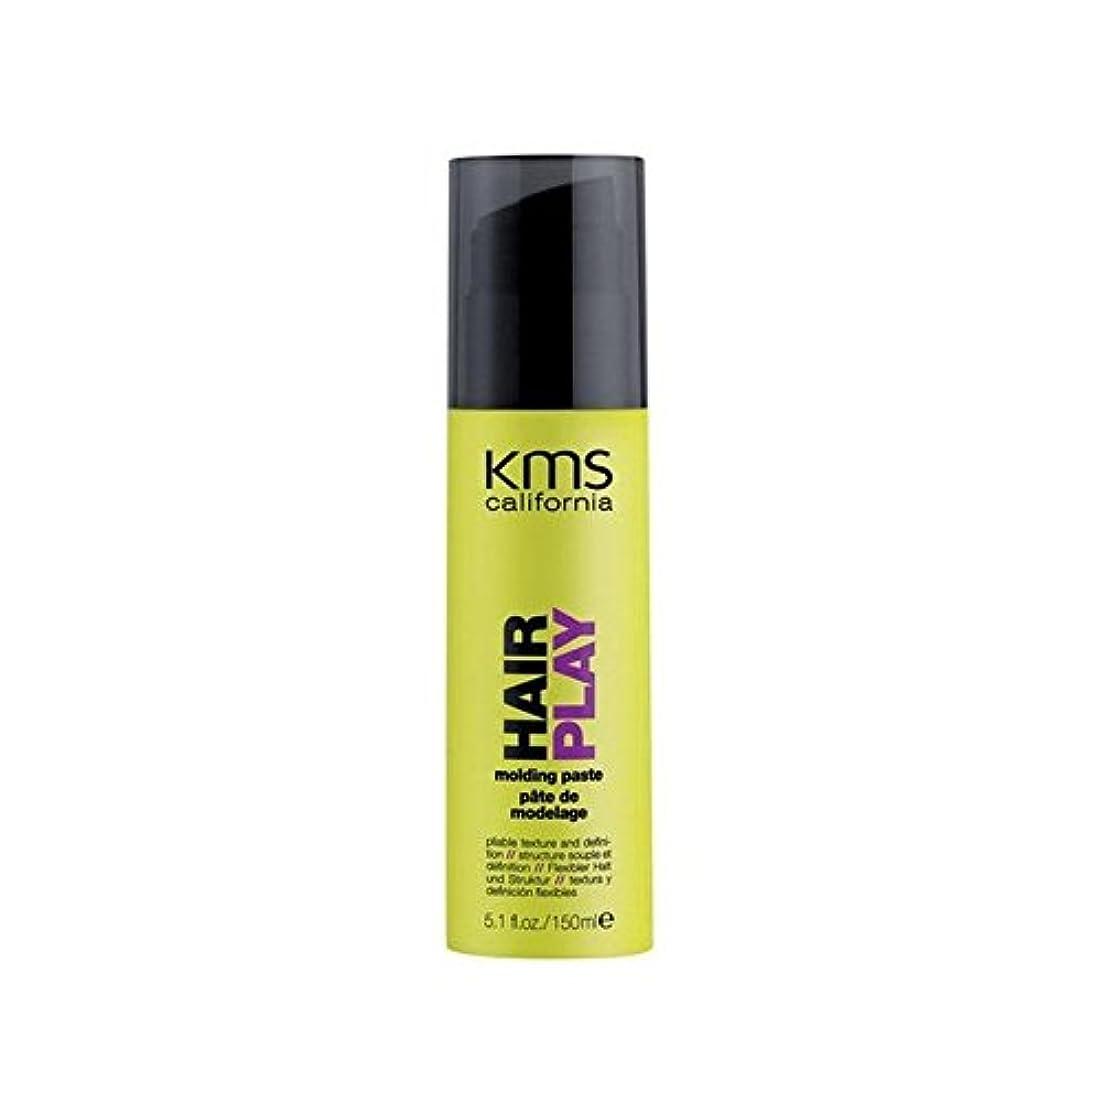 露出度の高い独裁投票カリフォルニア成形ペースト(150ミリリットル) x4 - Kms California Hairplay Molding Paste (150ml) (Pack of 4) [並行輸入品]